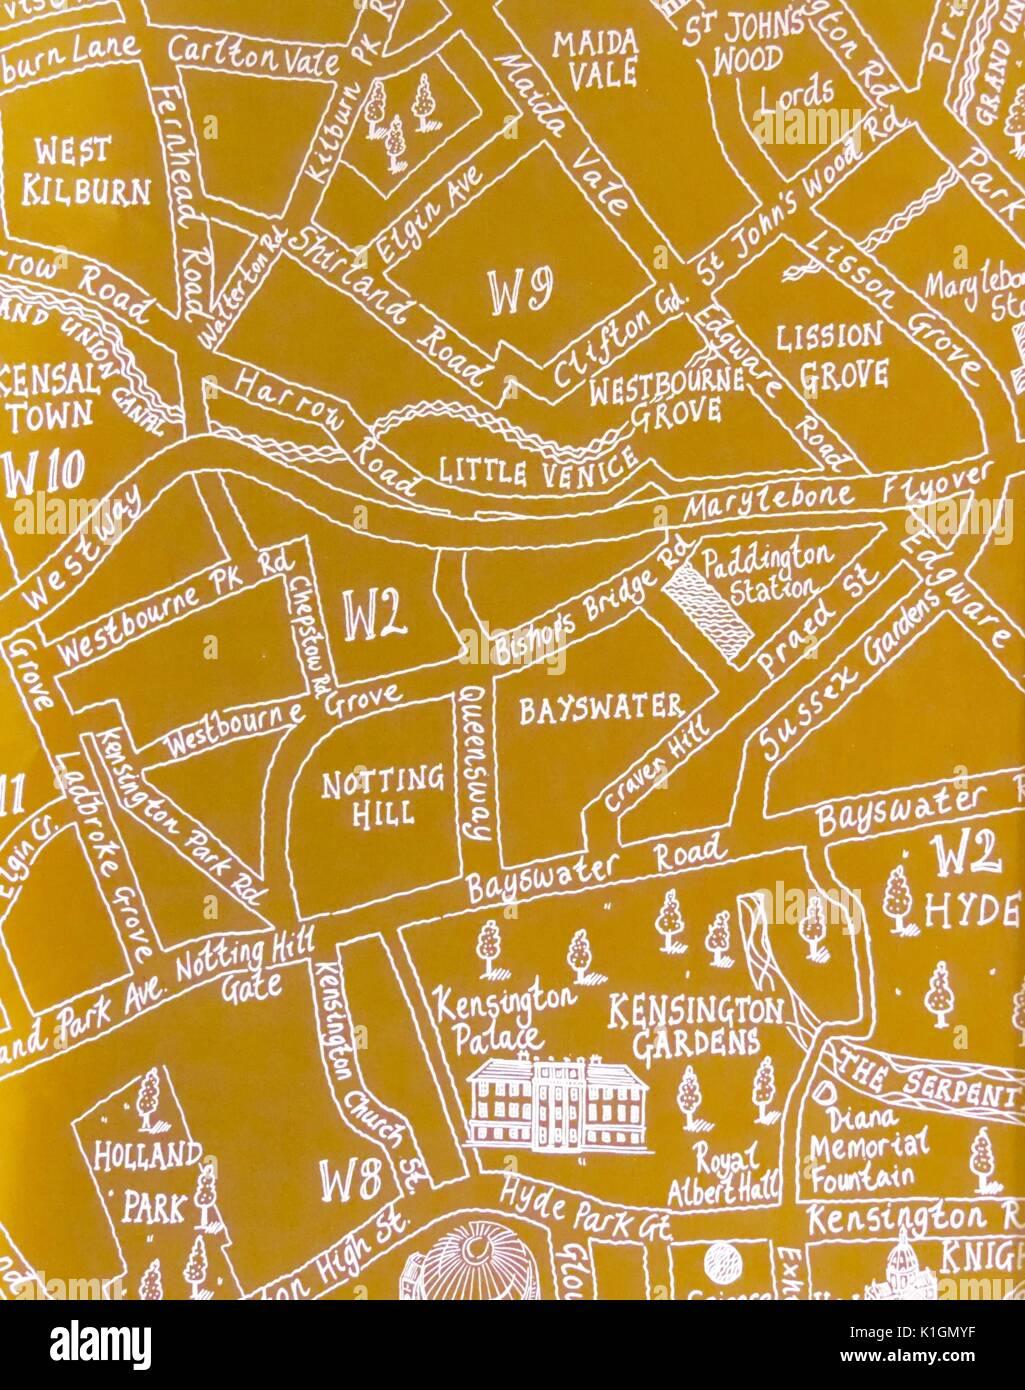 Cartina Con Monumenti Di Londra.Giallo Disegnati A Mano Mappa Di Una Parte Del Centro Di Londra Con Le Immagini Di Famosi Monumenti E Luoghi Di Interesse Foto Stock Alamy